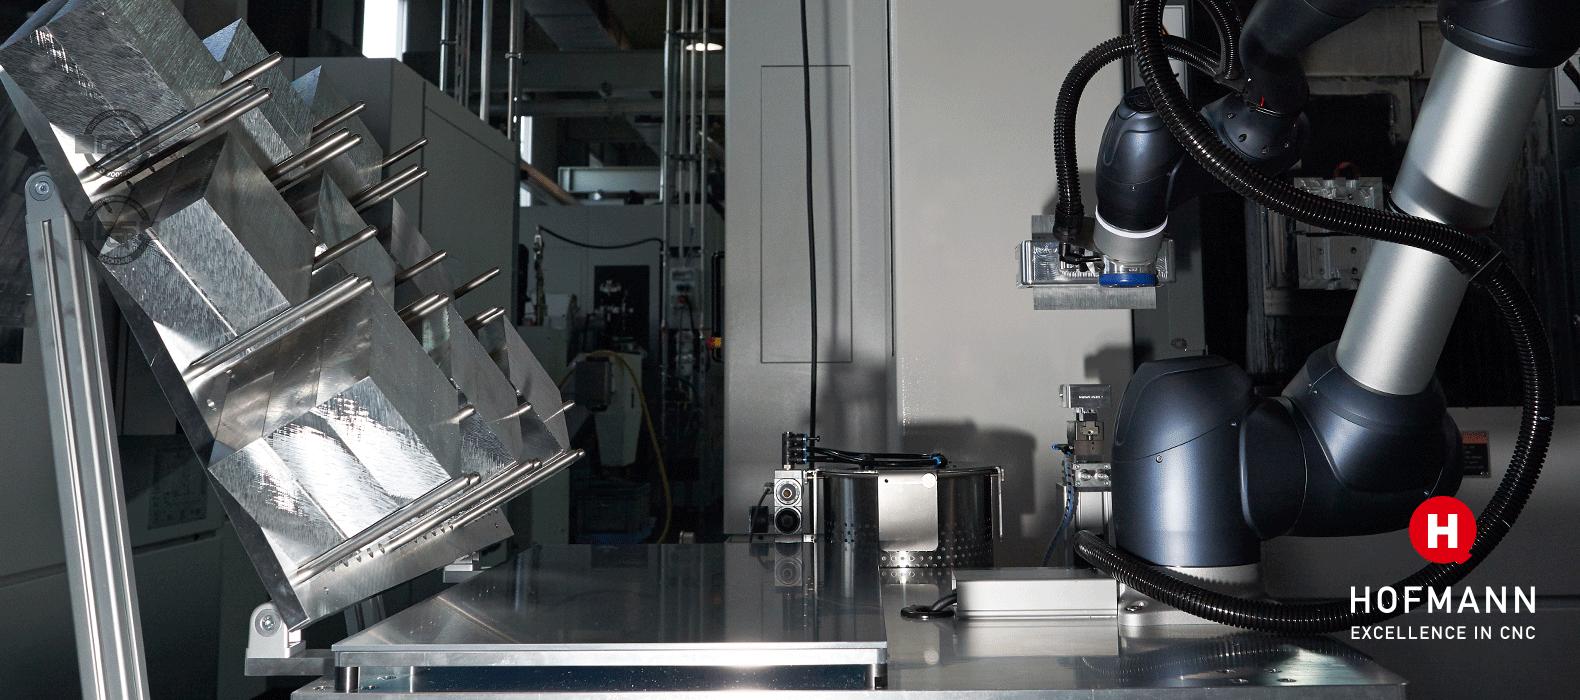 Hofmann CNC · CNC-Roboterautomatisierung